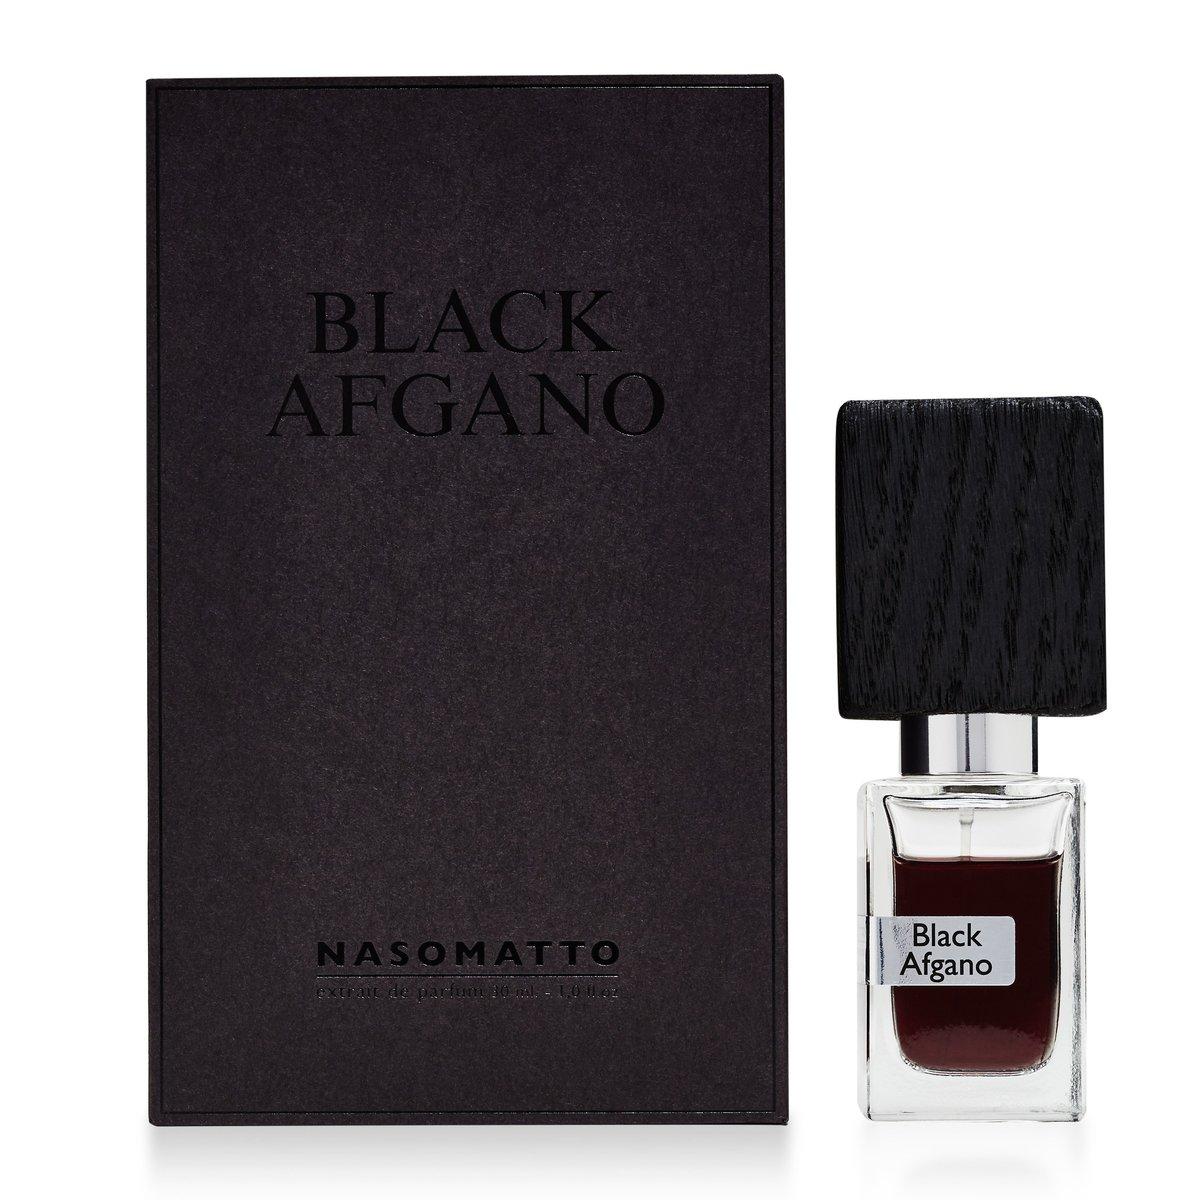 Nasomatto Black Afgano Extrait De Parfum (2009)